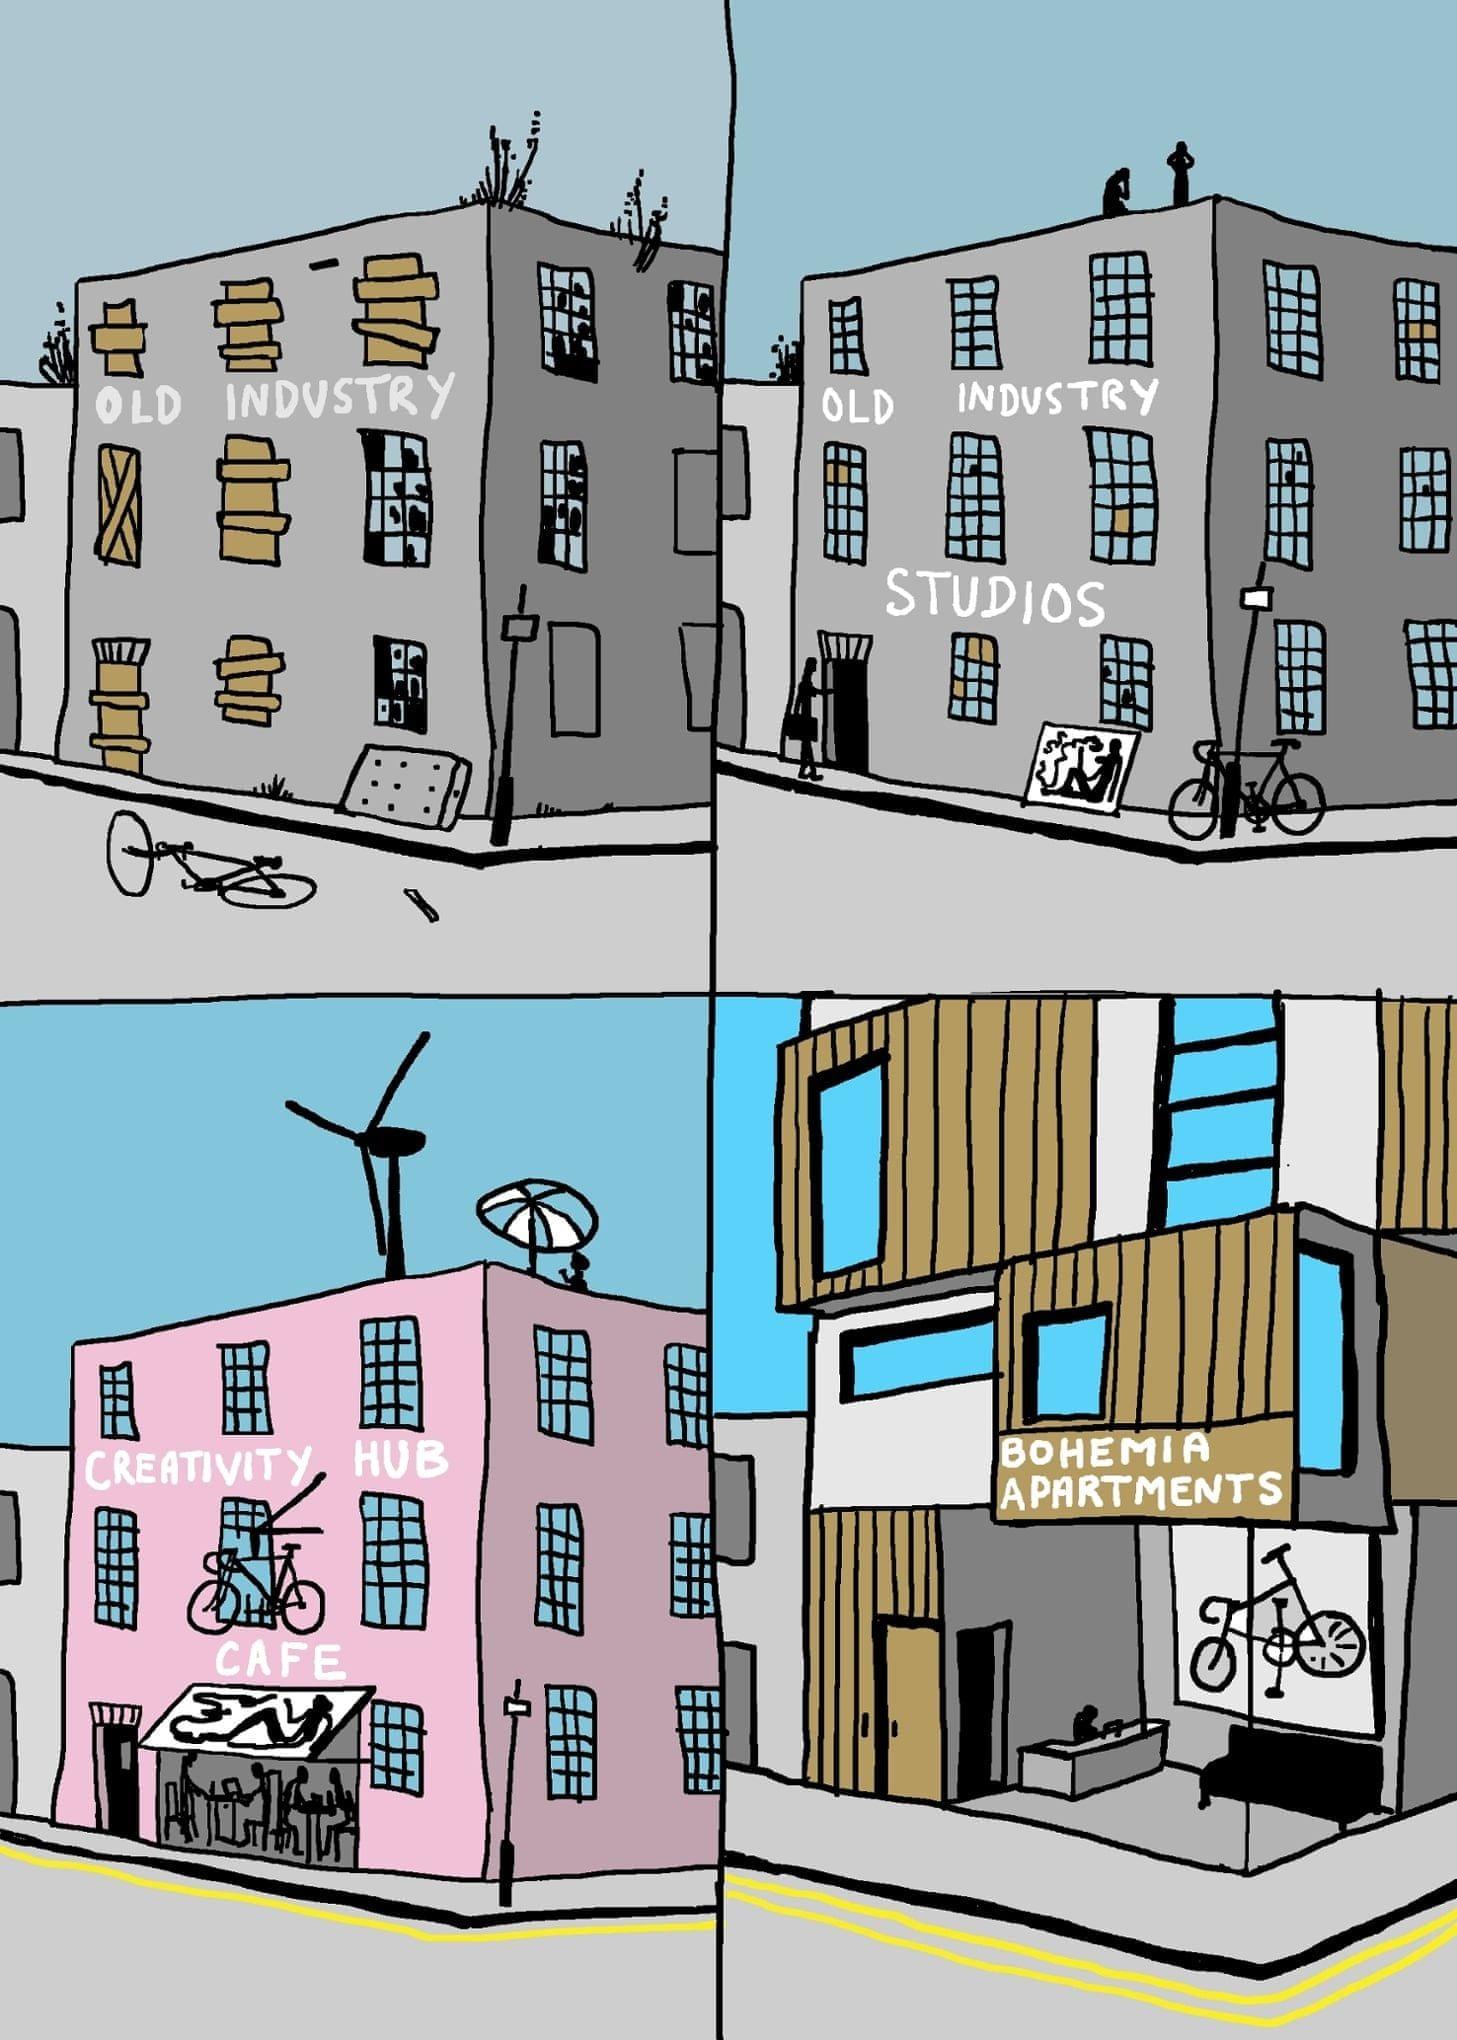 ilustrar diferentes etapas da gentrificação